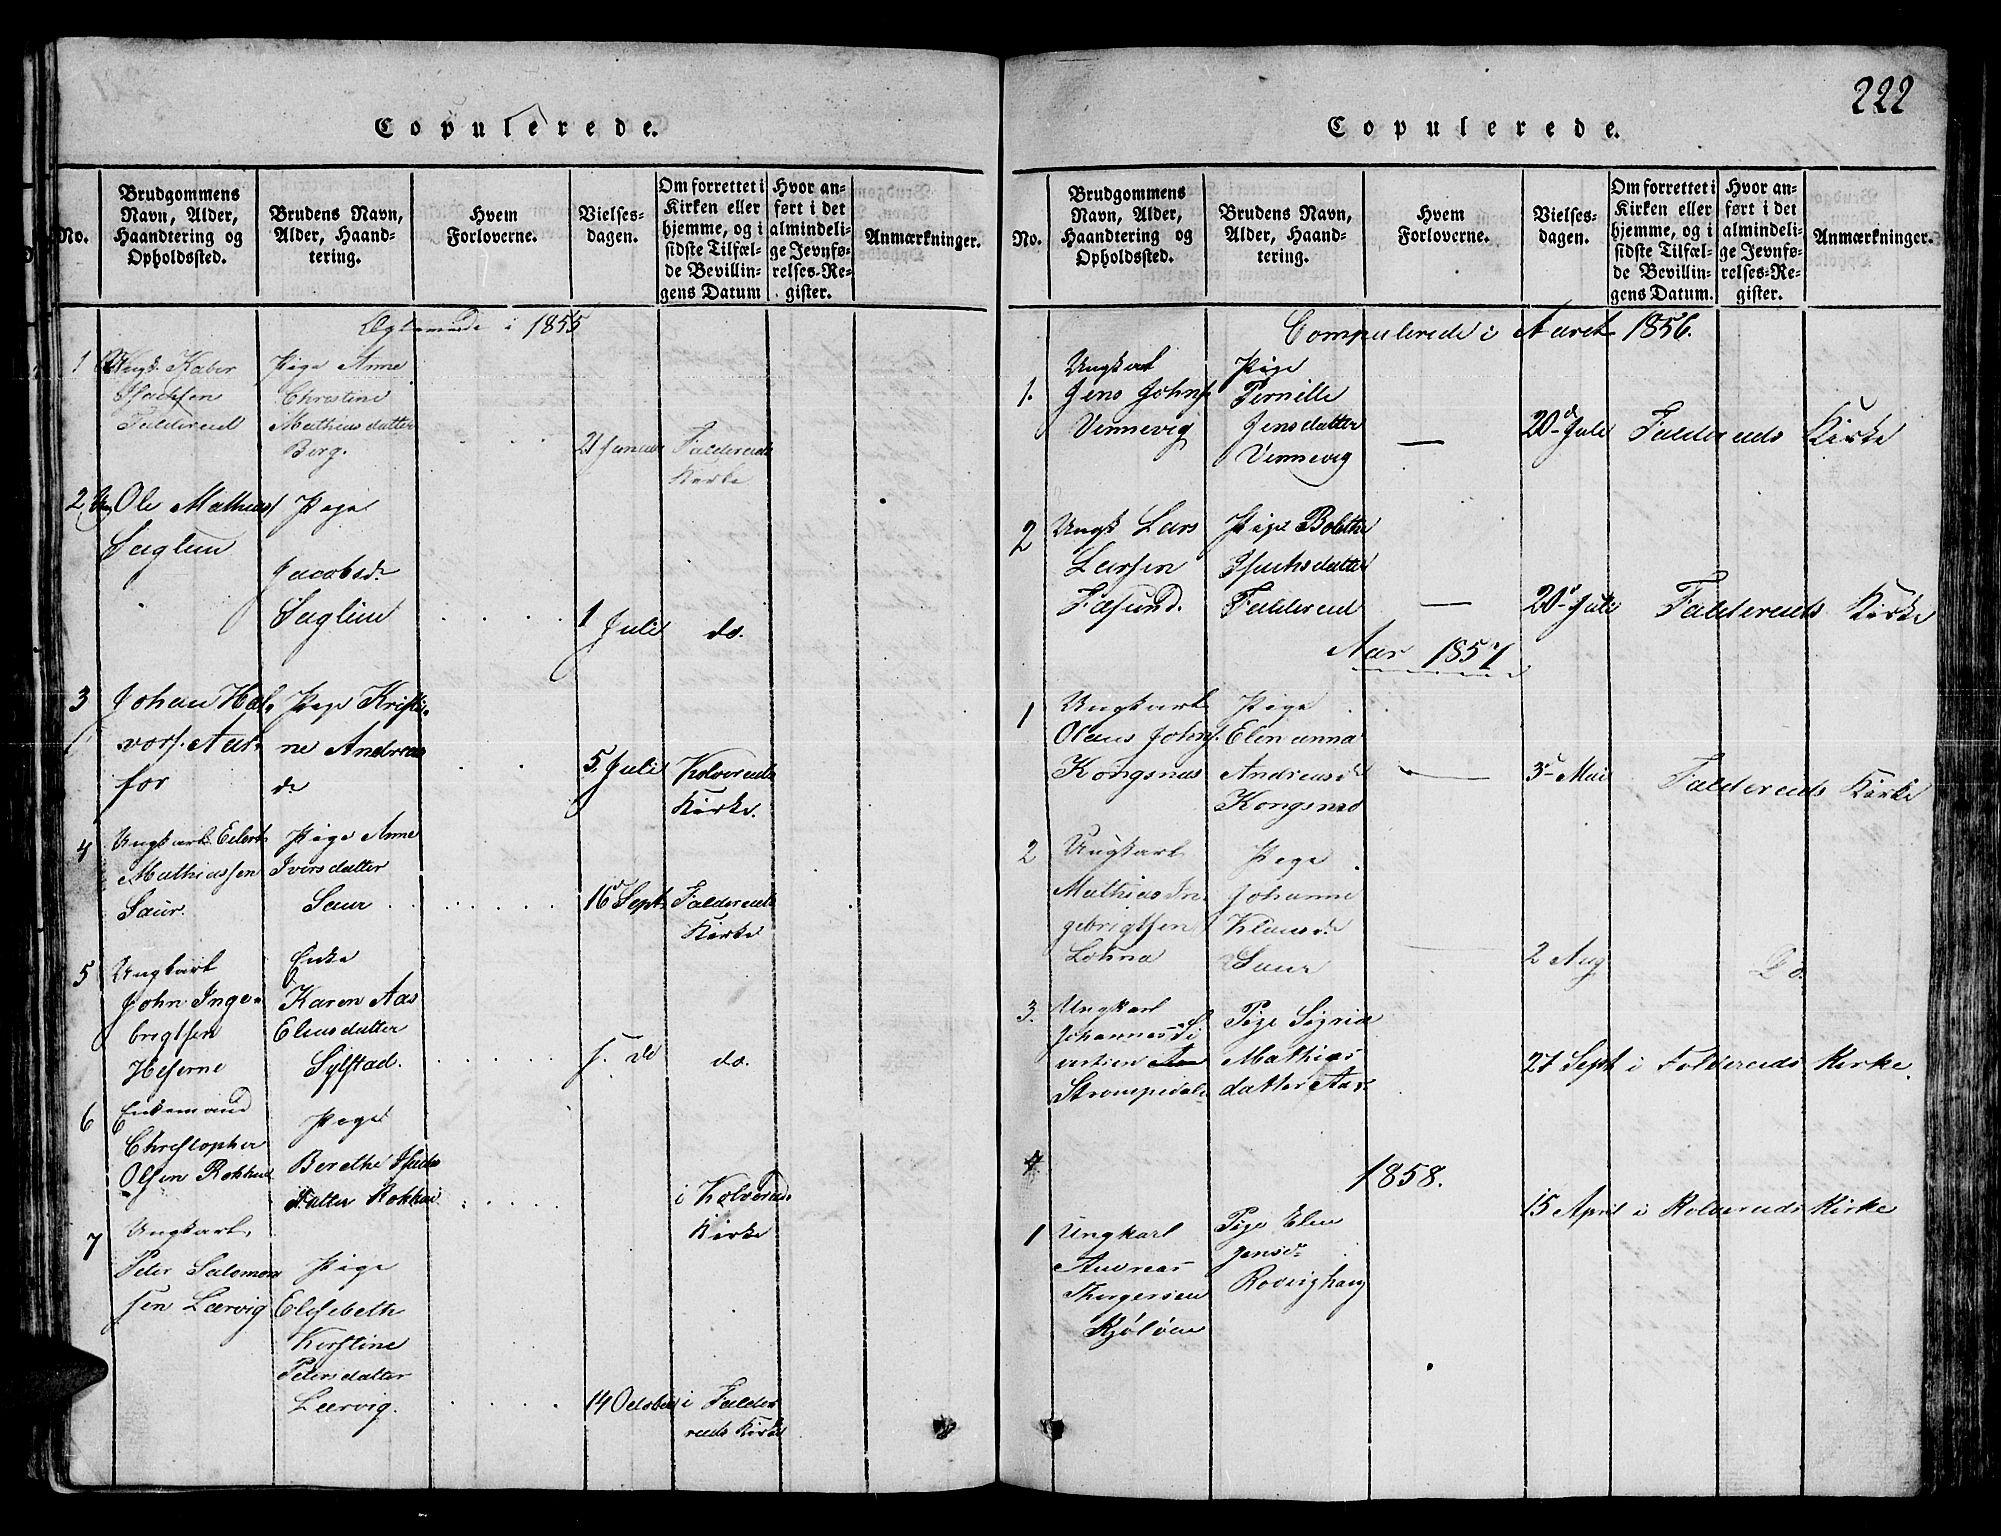 SAT, Ministerialprotokoller, klokkerbøker og fødselsregistre - Nord-Trøndelag, 780/L0648: Klokkerbok nr. 780C01 /3, 1815-1877, s. 222